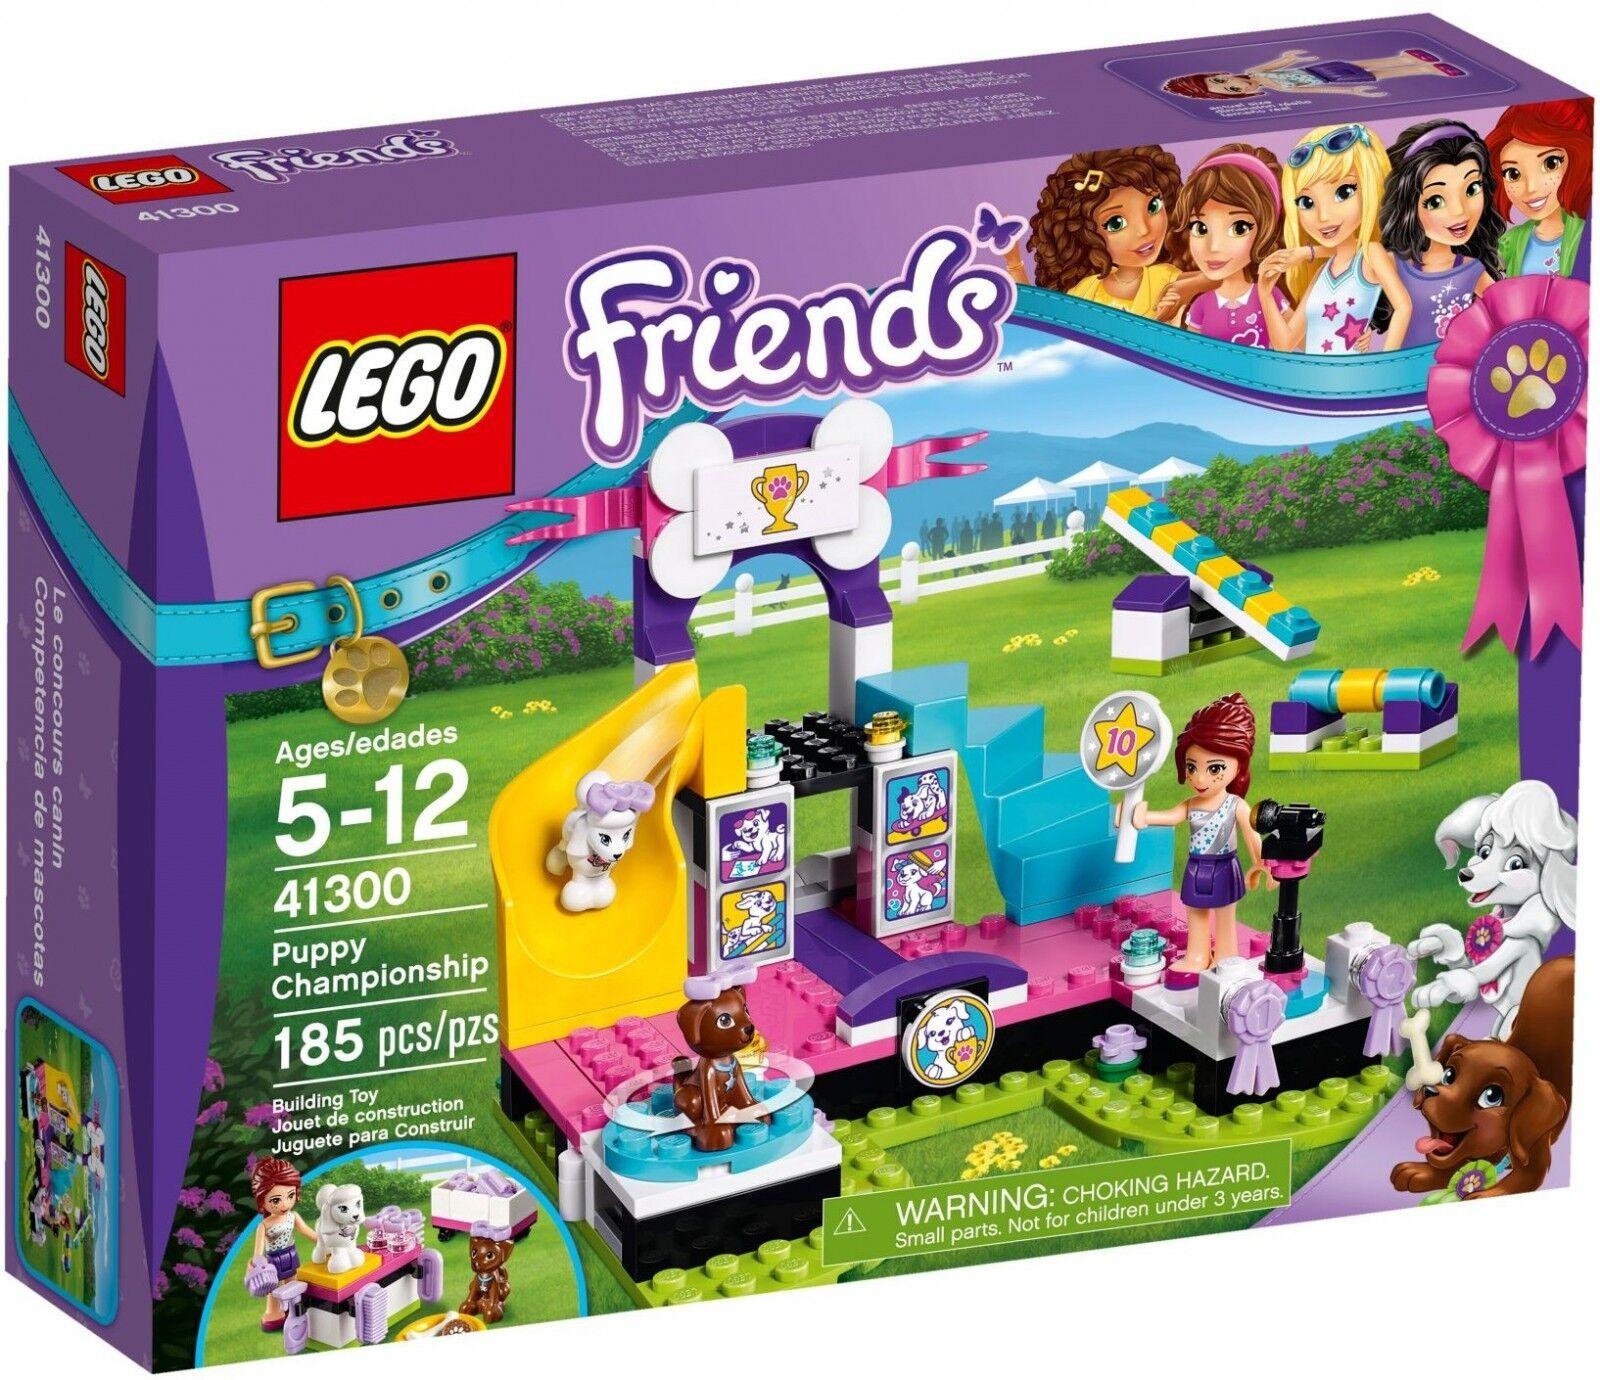 LEGO® Friends 41300 Welpen-Meisterschaft NEU OVP_ Puppy Championship NEW MISB